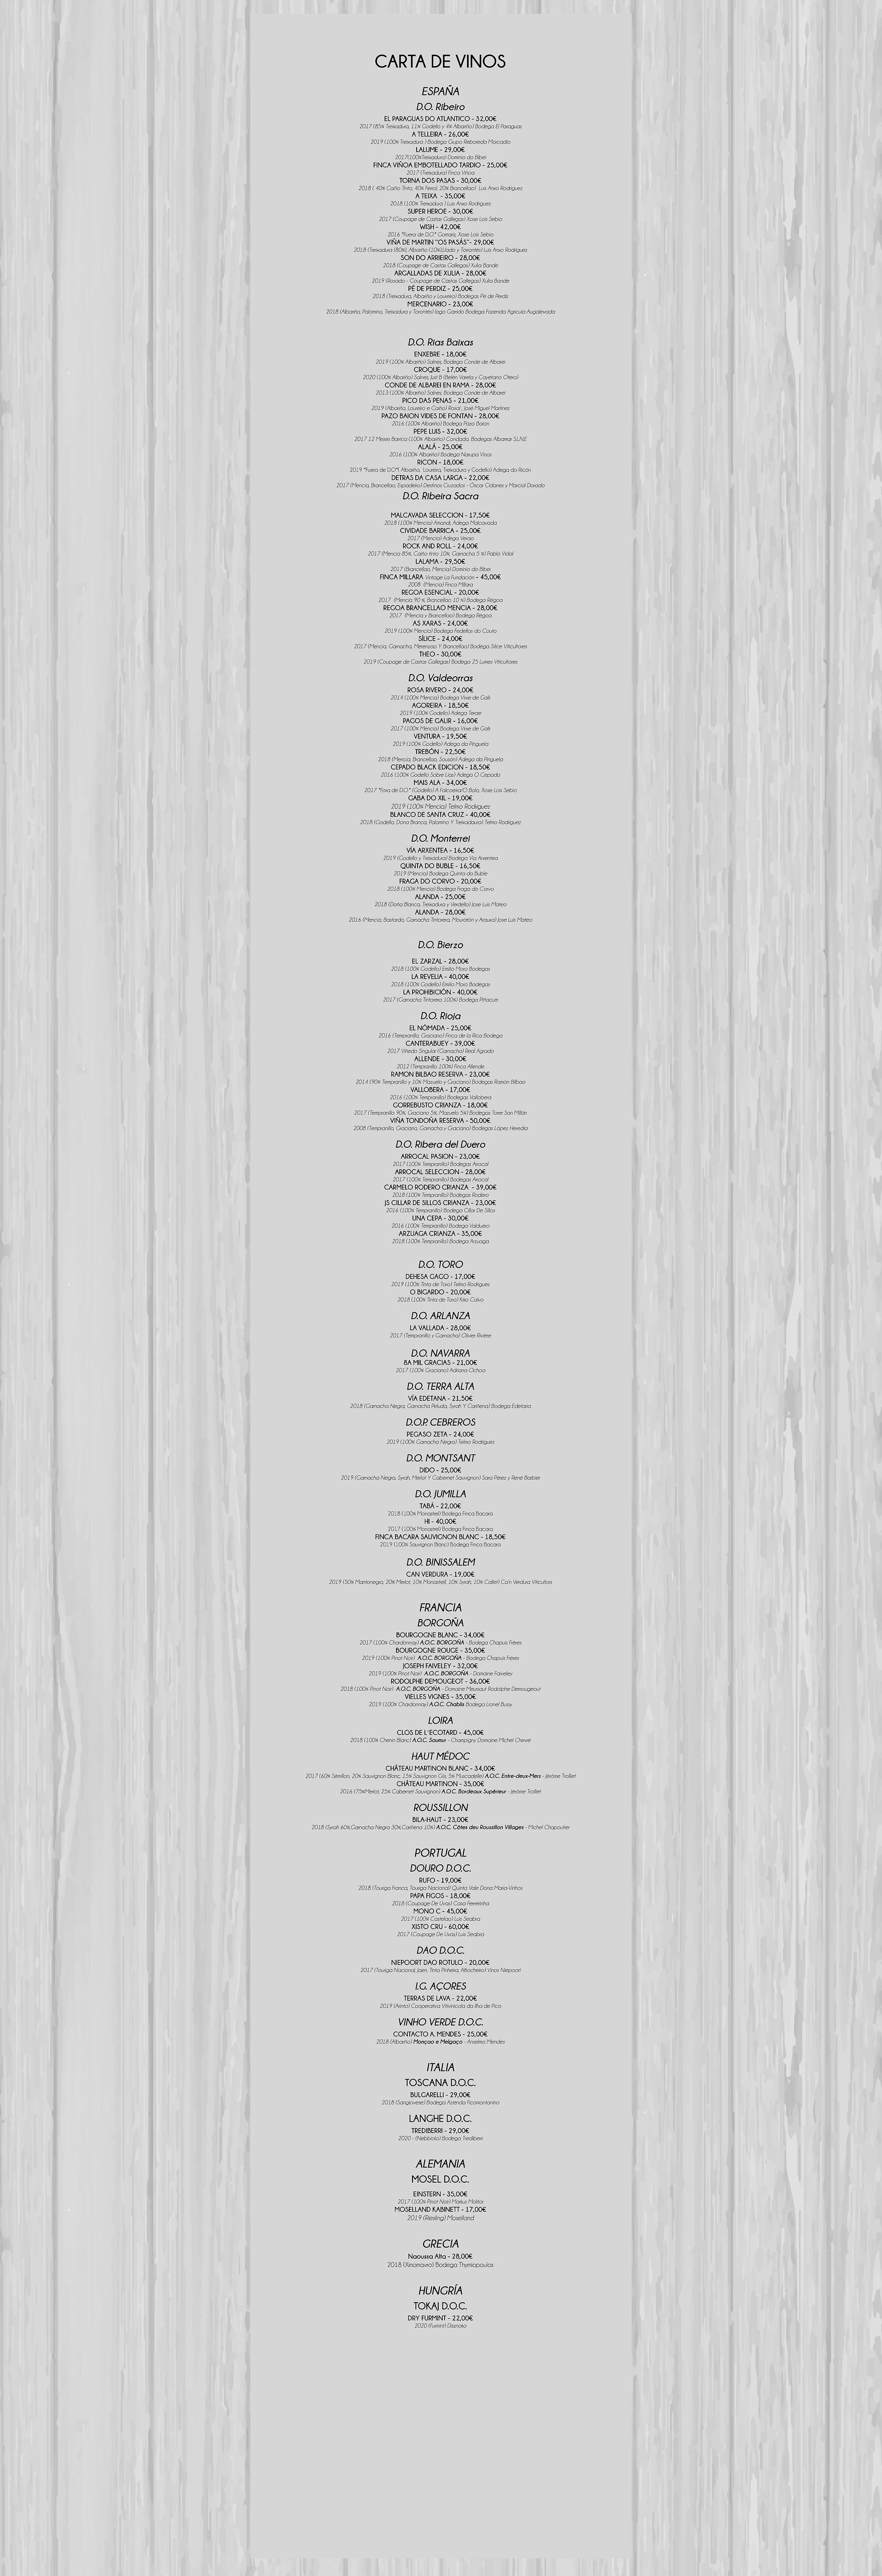 Carta-Vinos.jpg